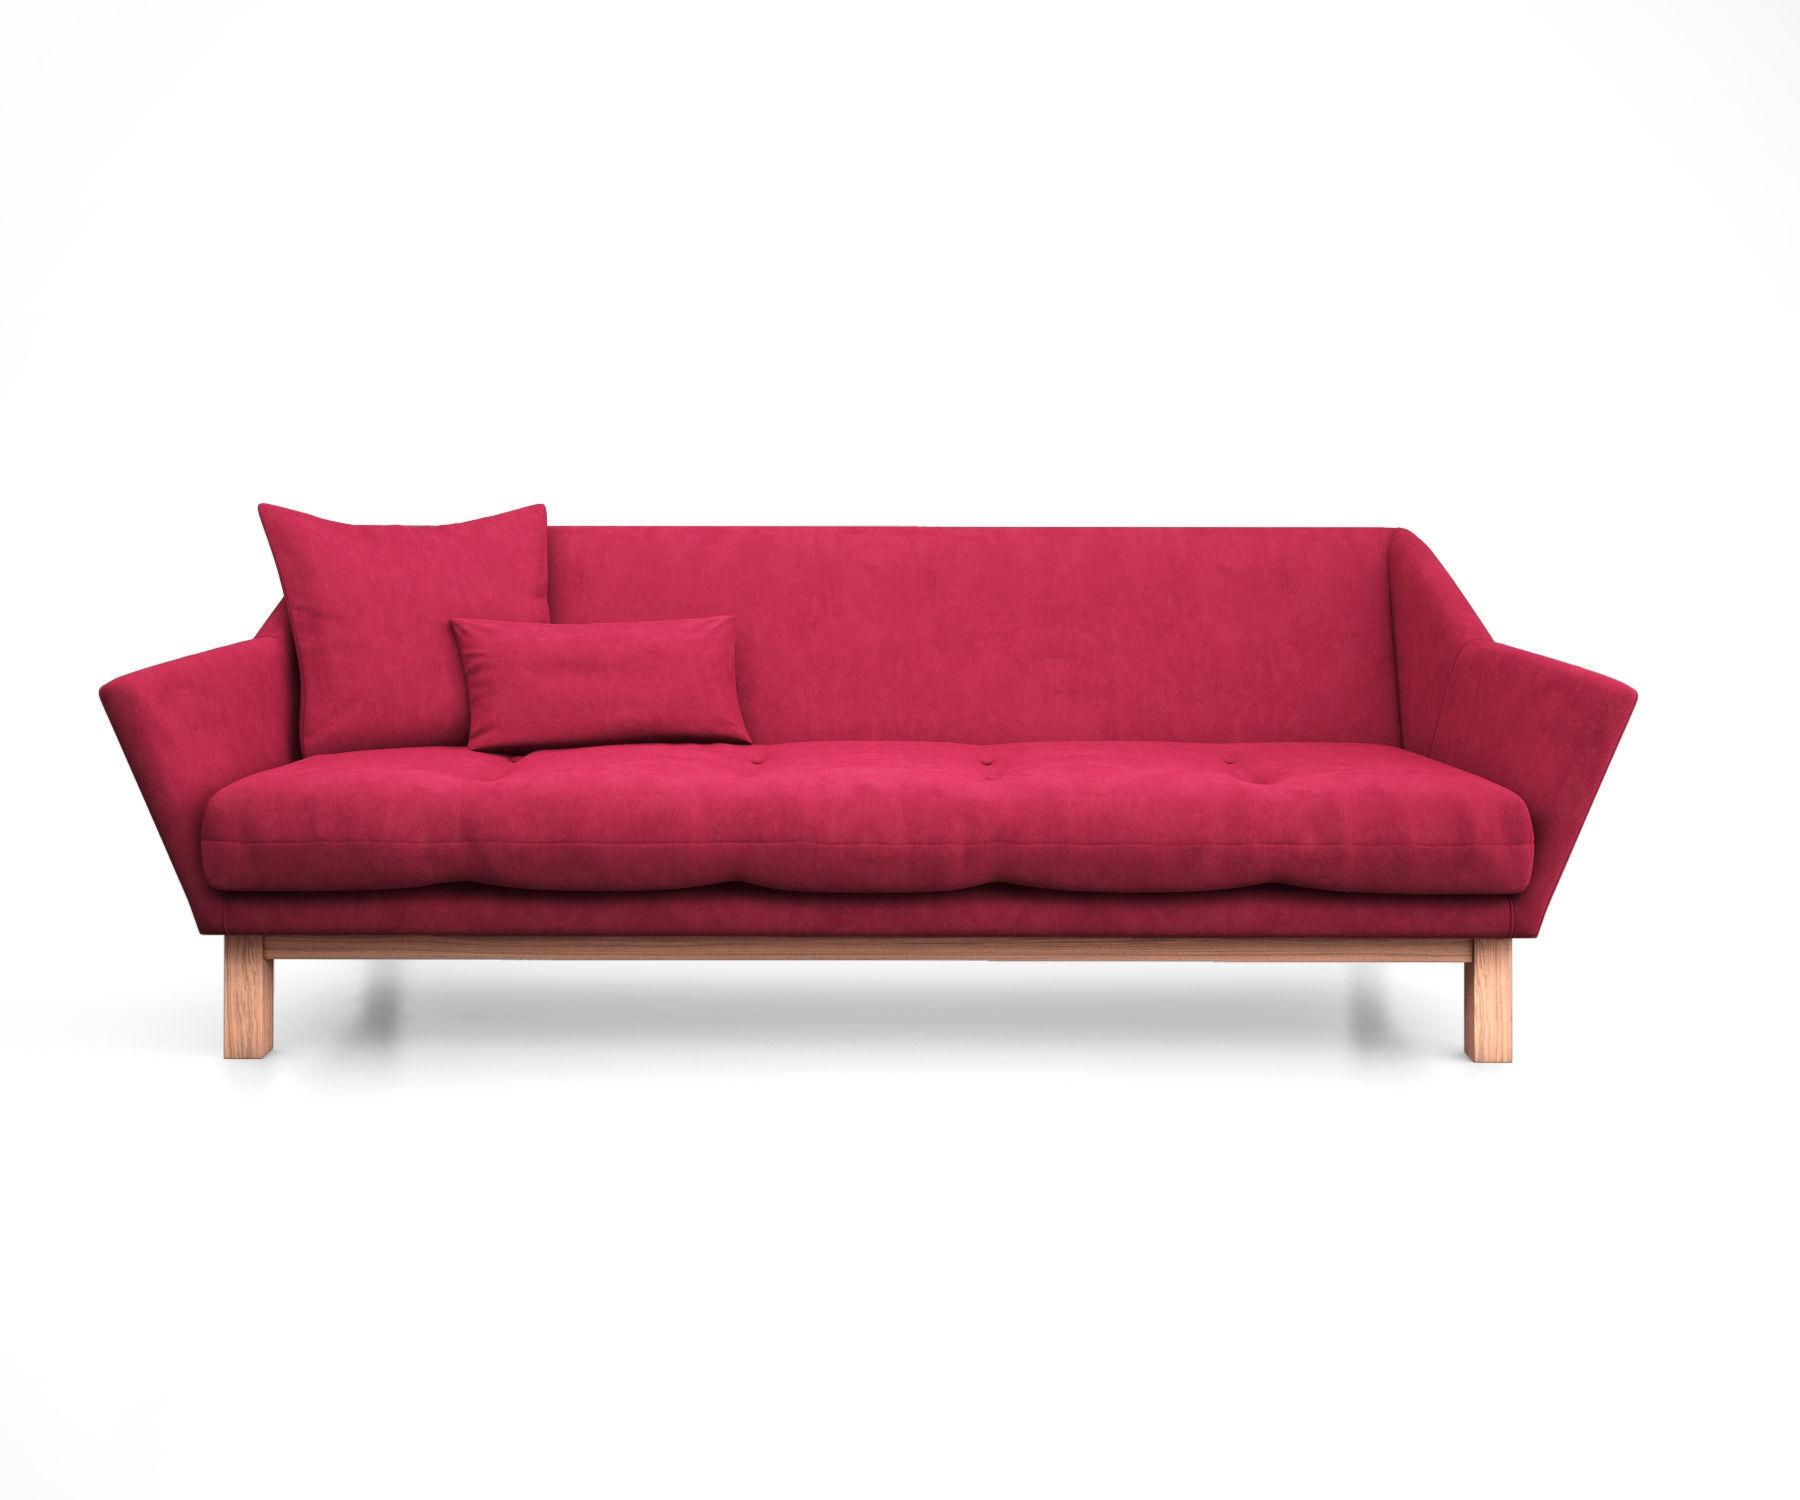 Astrid sofa by Gus Modern